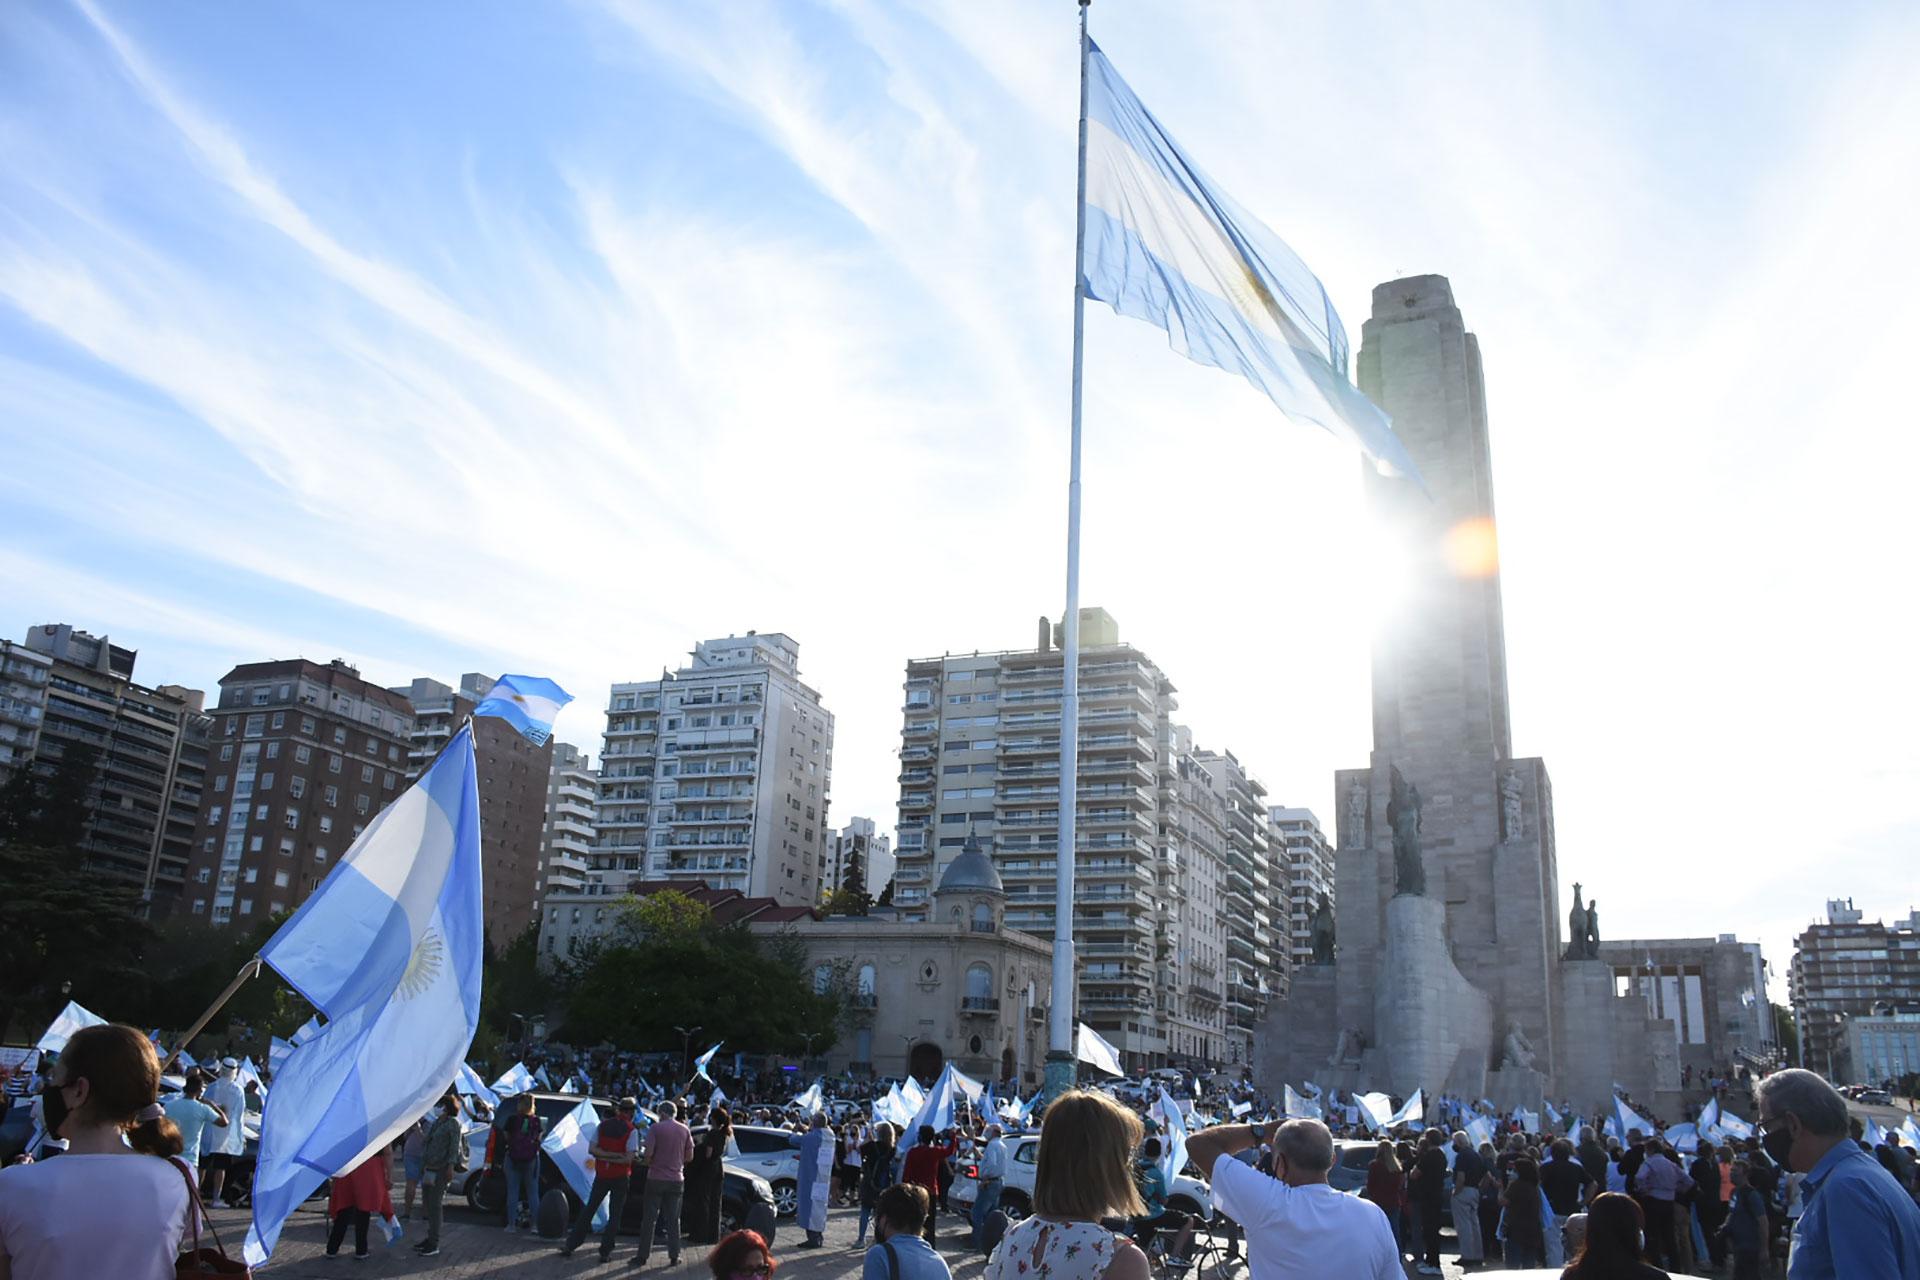 El Monumento a la Bandera fue una de los puntos de protesta donde más gente se juntó